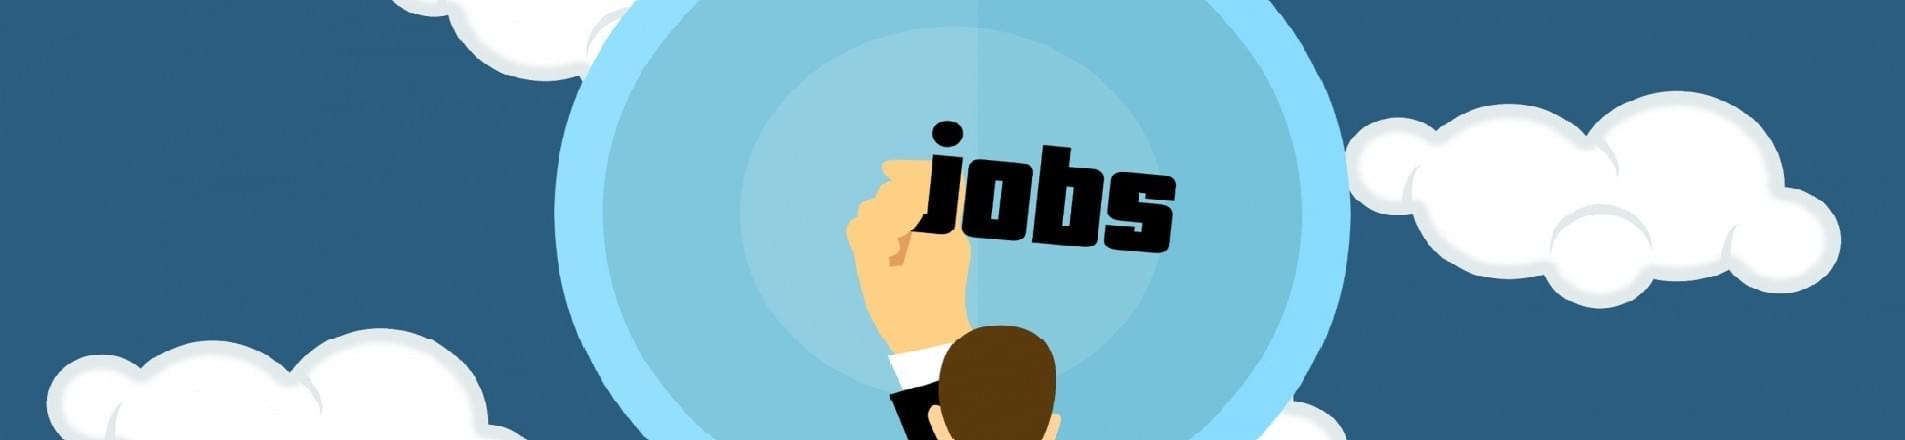 SKY: 400 new digital jobs in Leeds